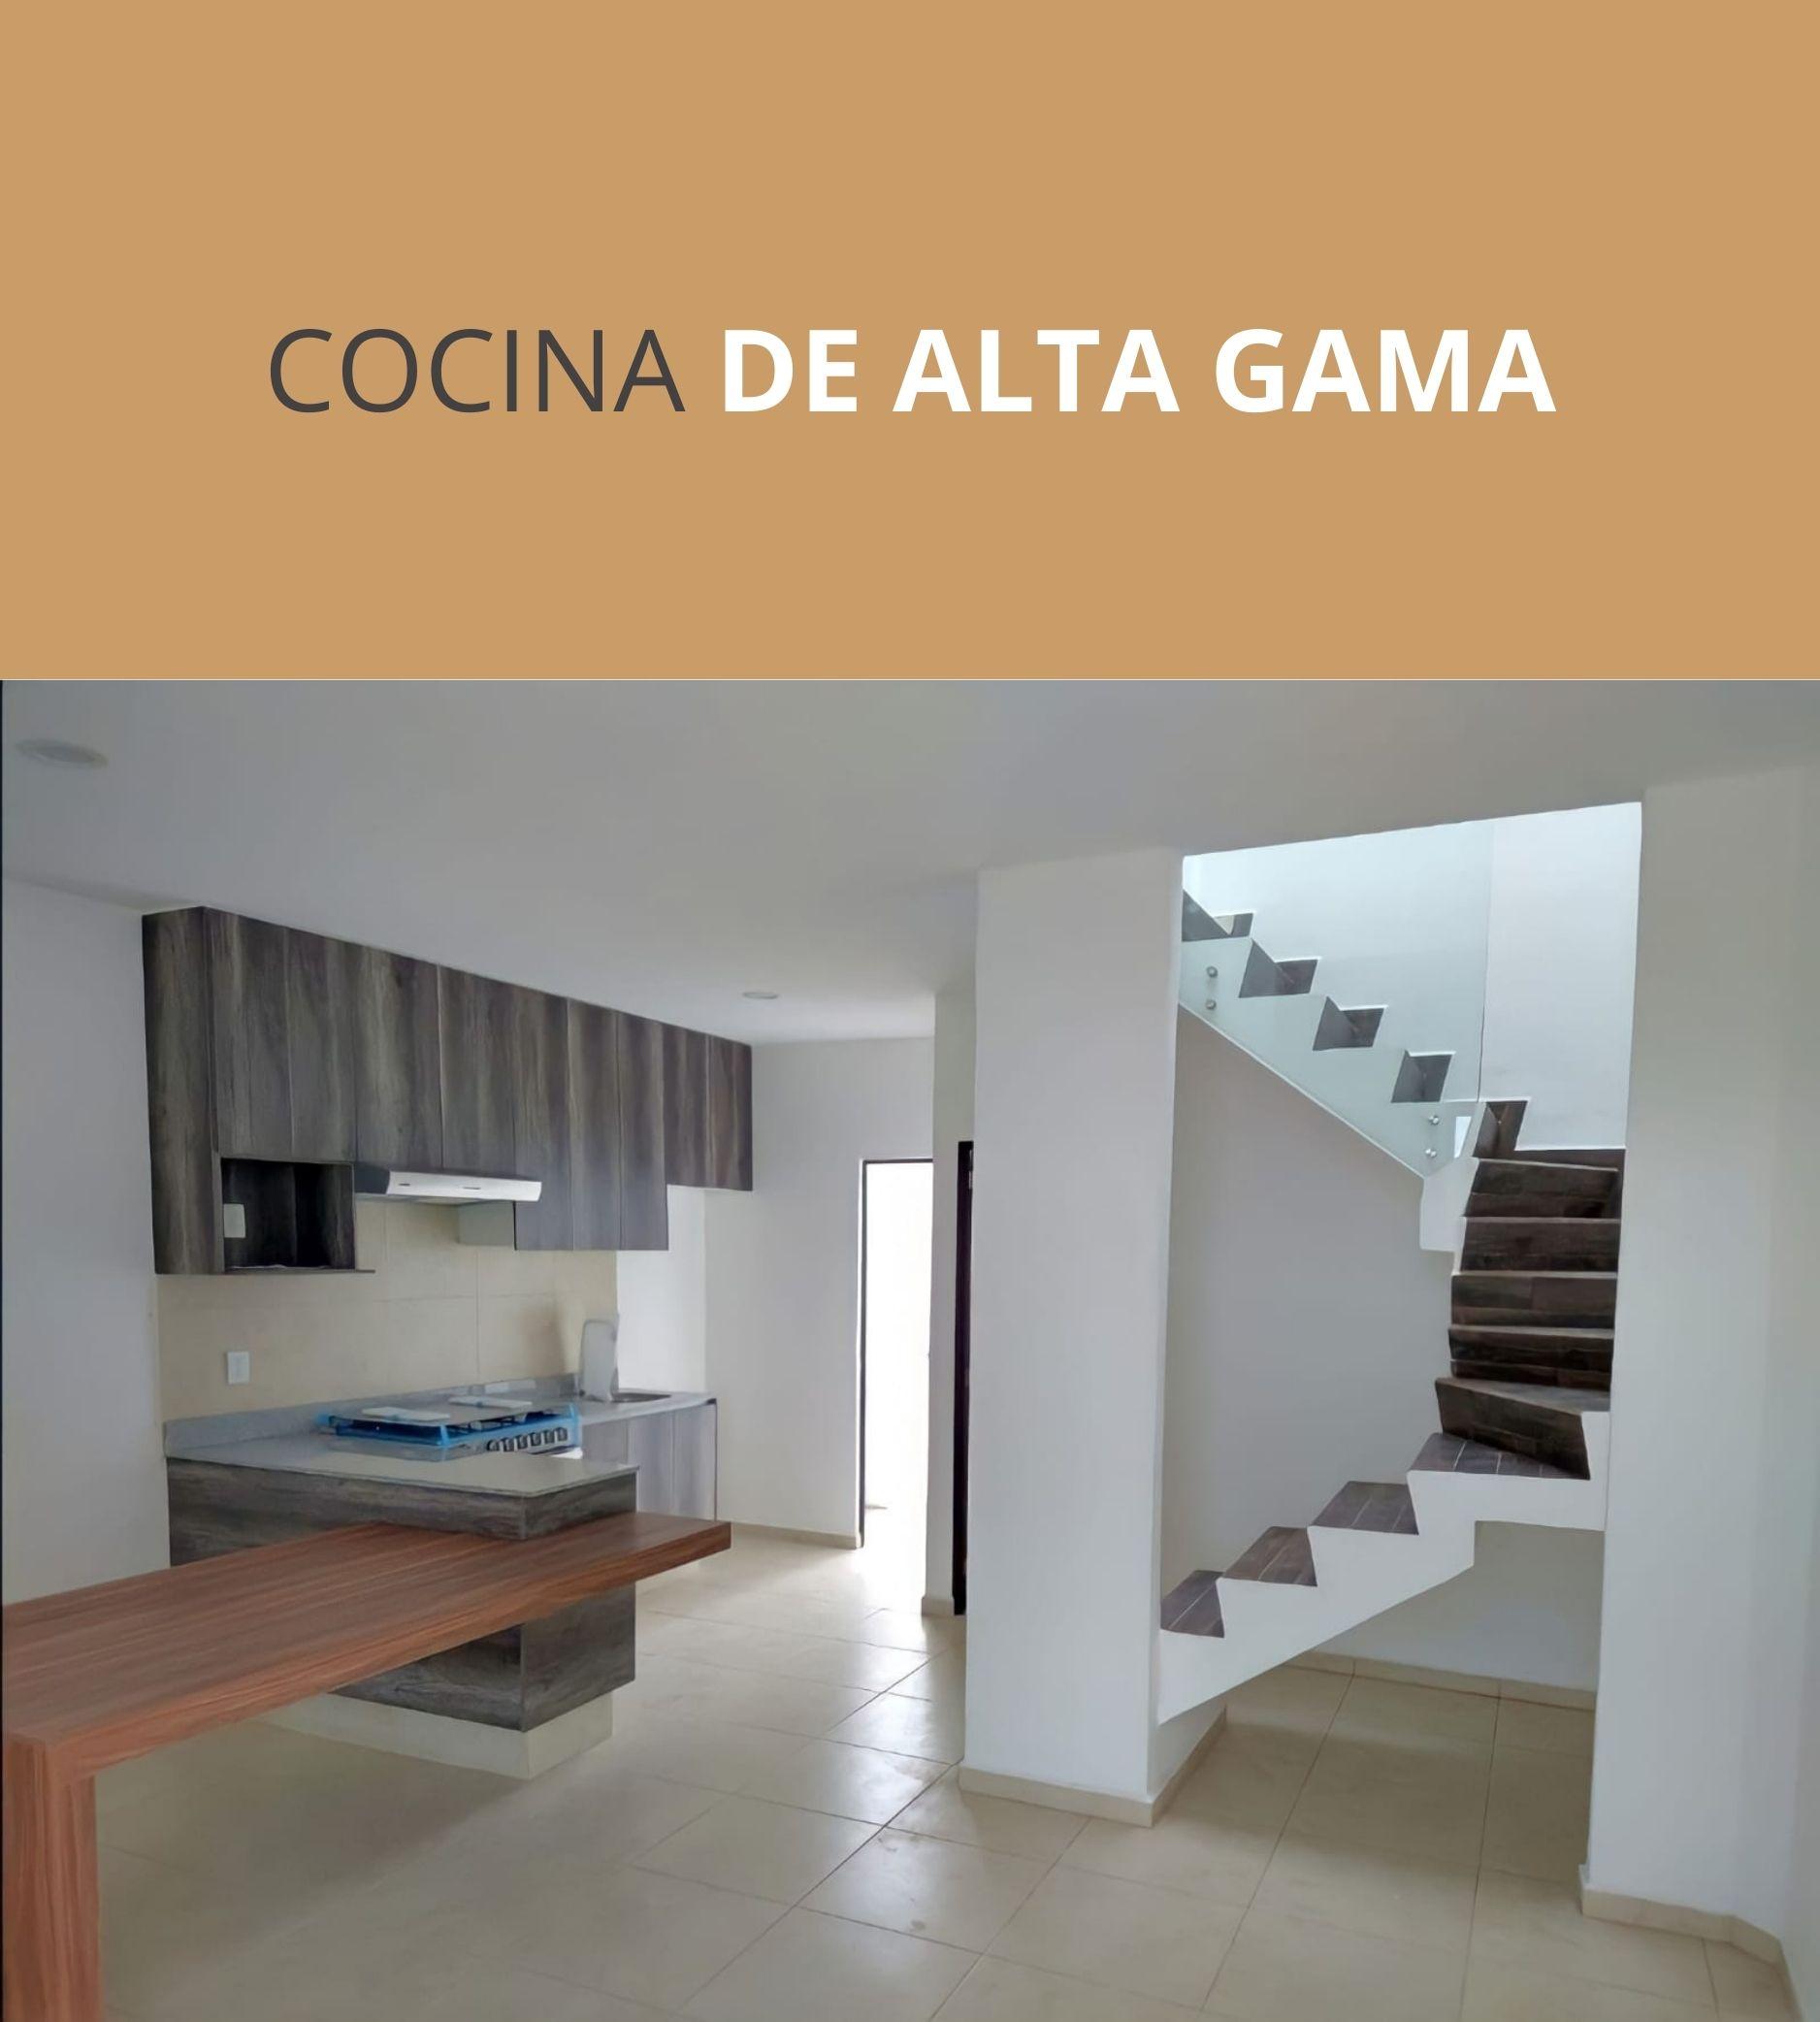 COCINA DE ALTA GAMA VENTI ABEDULES